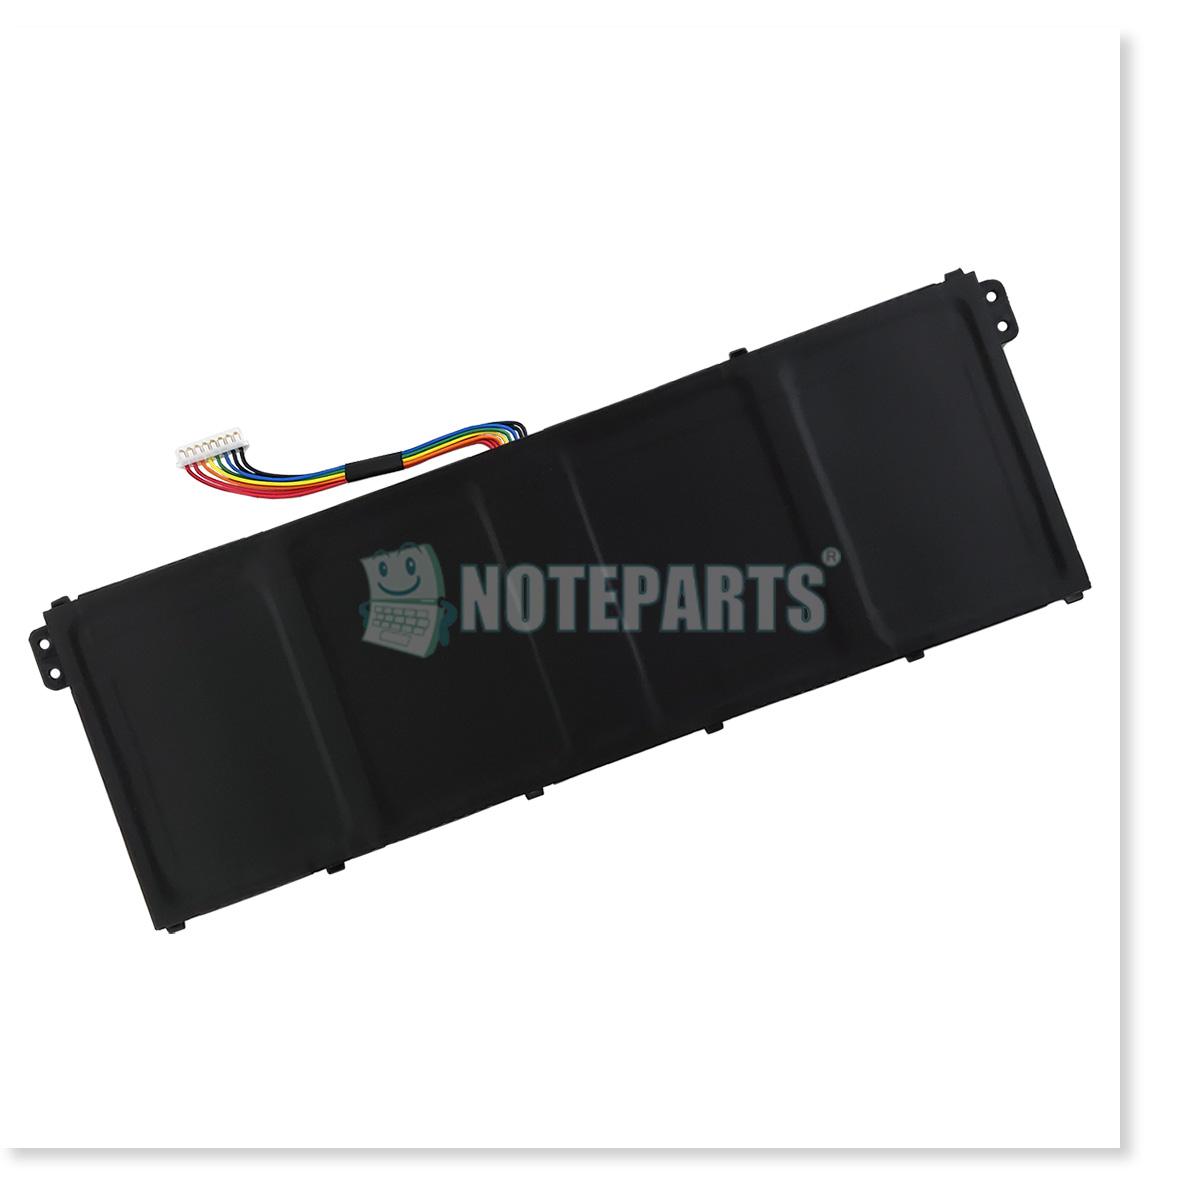 Acer エイサー Aspire ES1-111 ES1-331 ES1-511 ES1-512 V3-371 V3-372 Chromebook CB3-111 Nitro 5 AN515-52 バッテリー AC14B3K AC14B8K対応